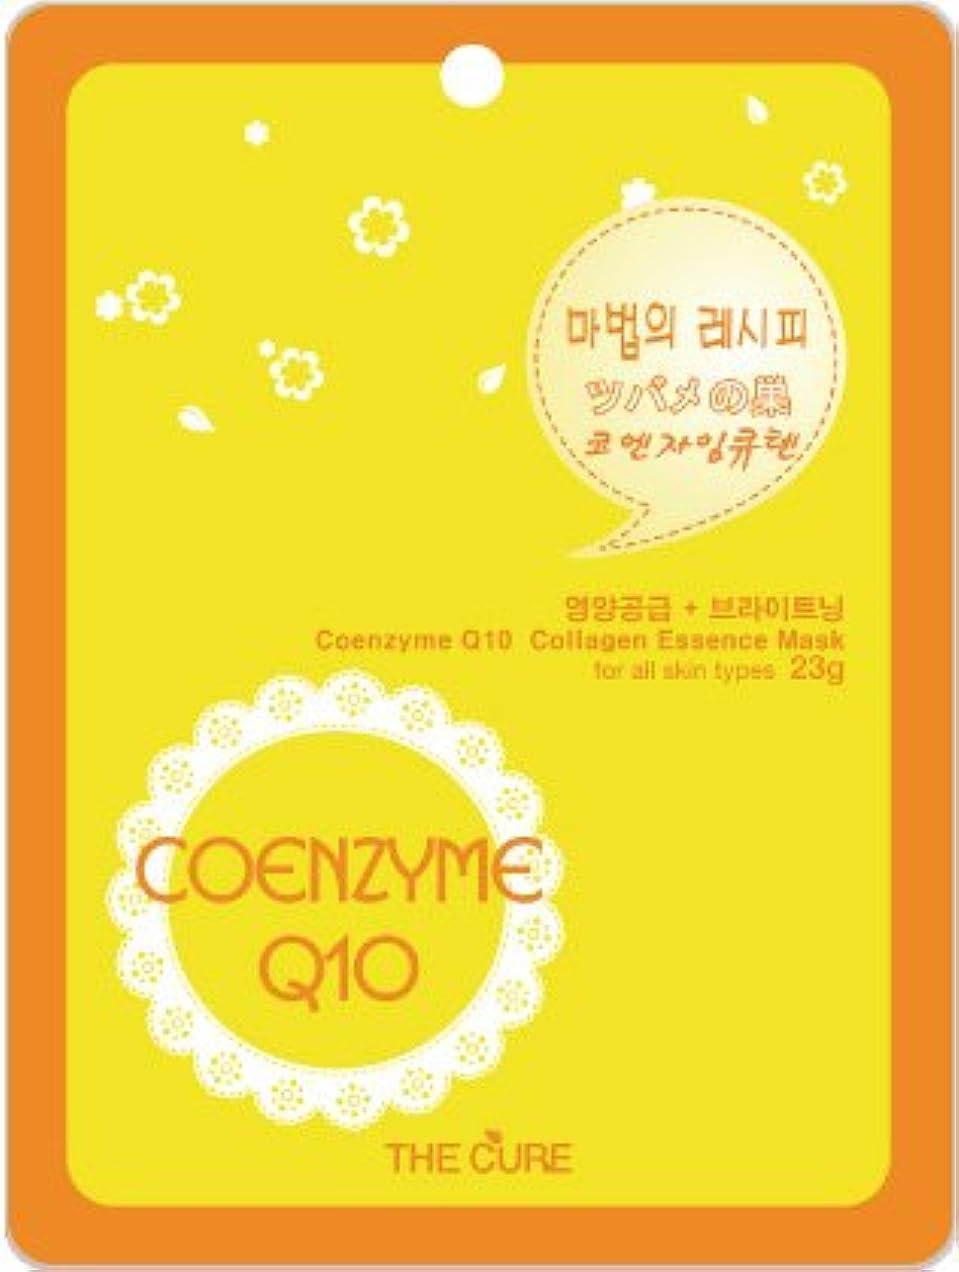 ガイドレッスンやるコエンザイムQ10 コラーゲン エッセンス マスク THE CURE シート パック 10枚セット 韓国 コスメ 乾燥肌 オイリー肌 混合肌